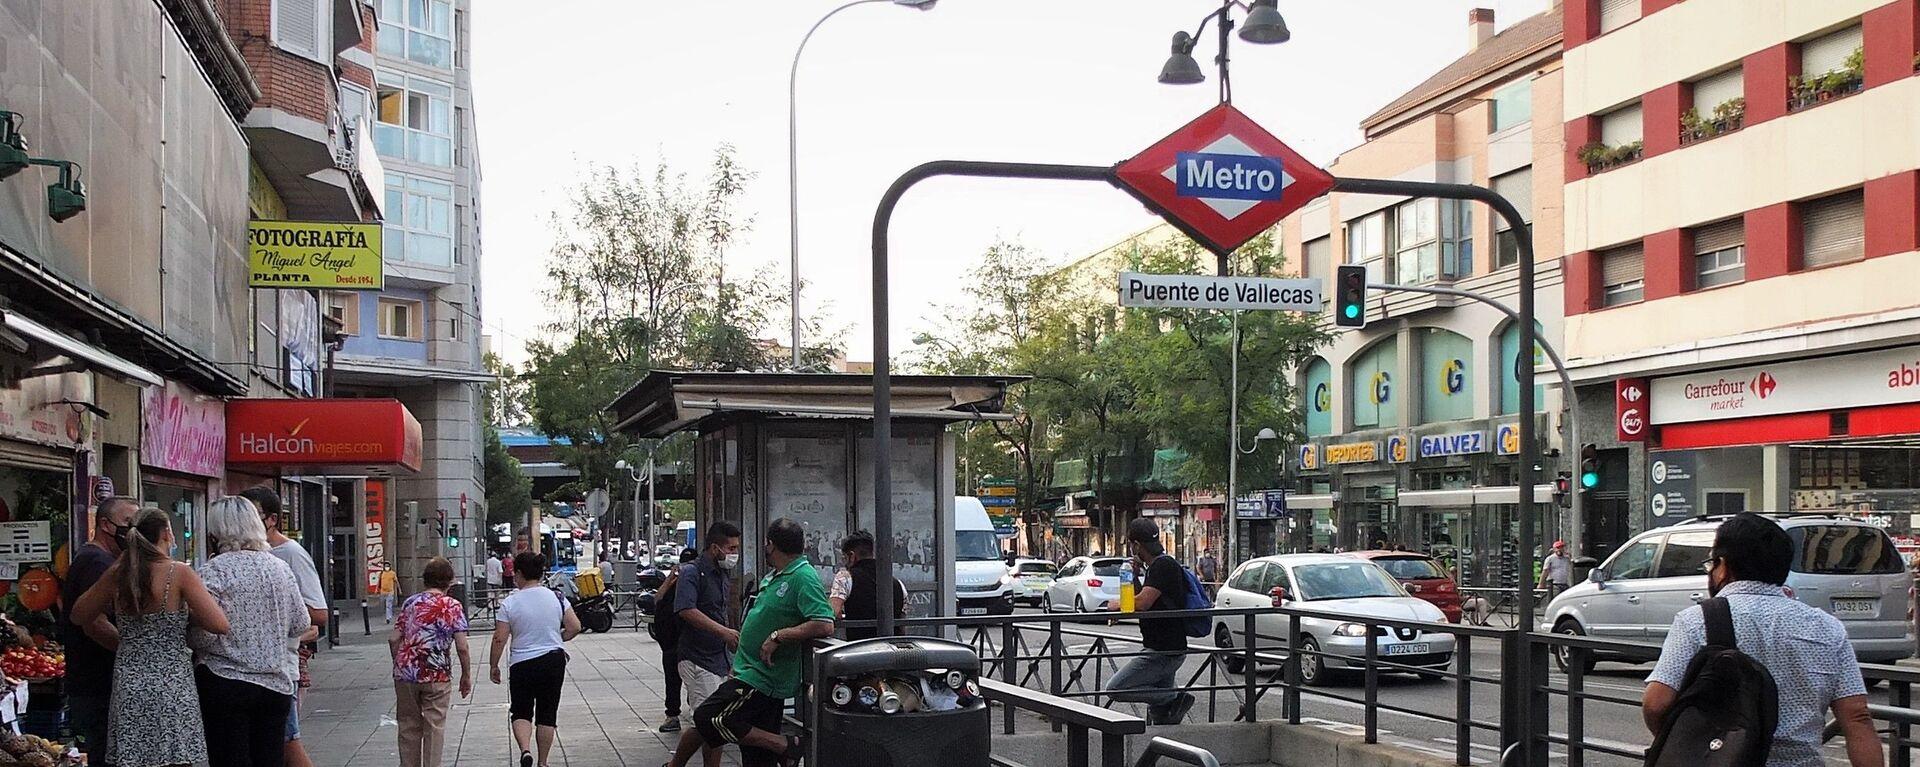 Entrada al metro en Puente de Vallecas - Sputnik Mundo, 1920, 18.09.2020